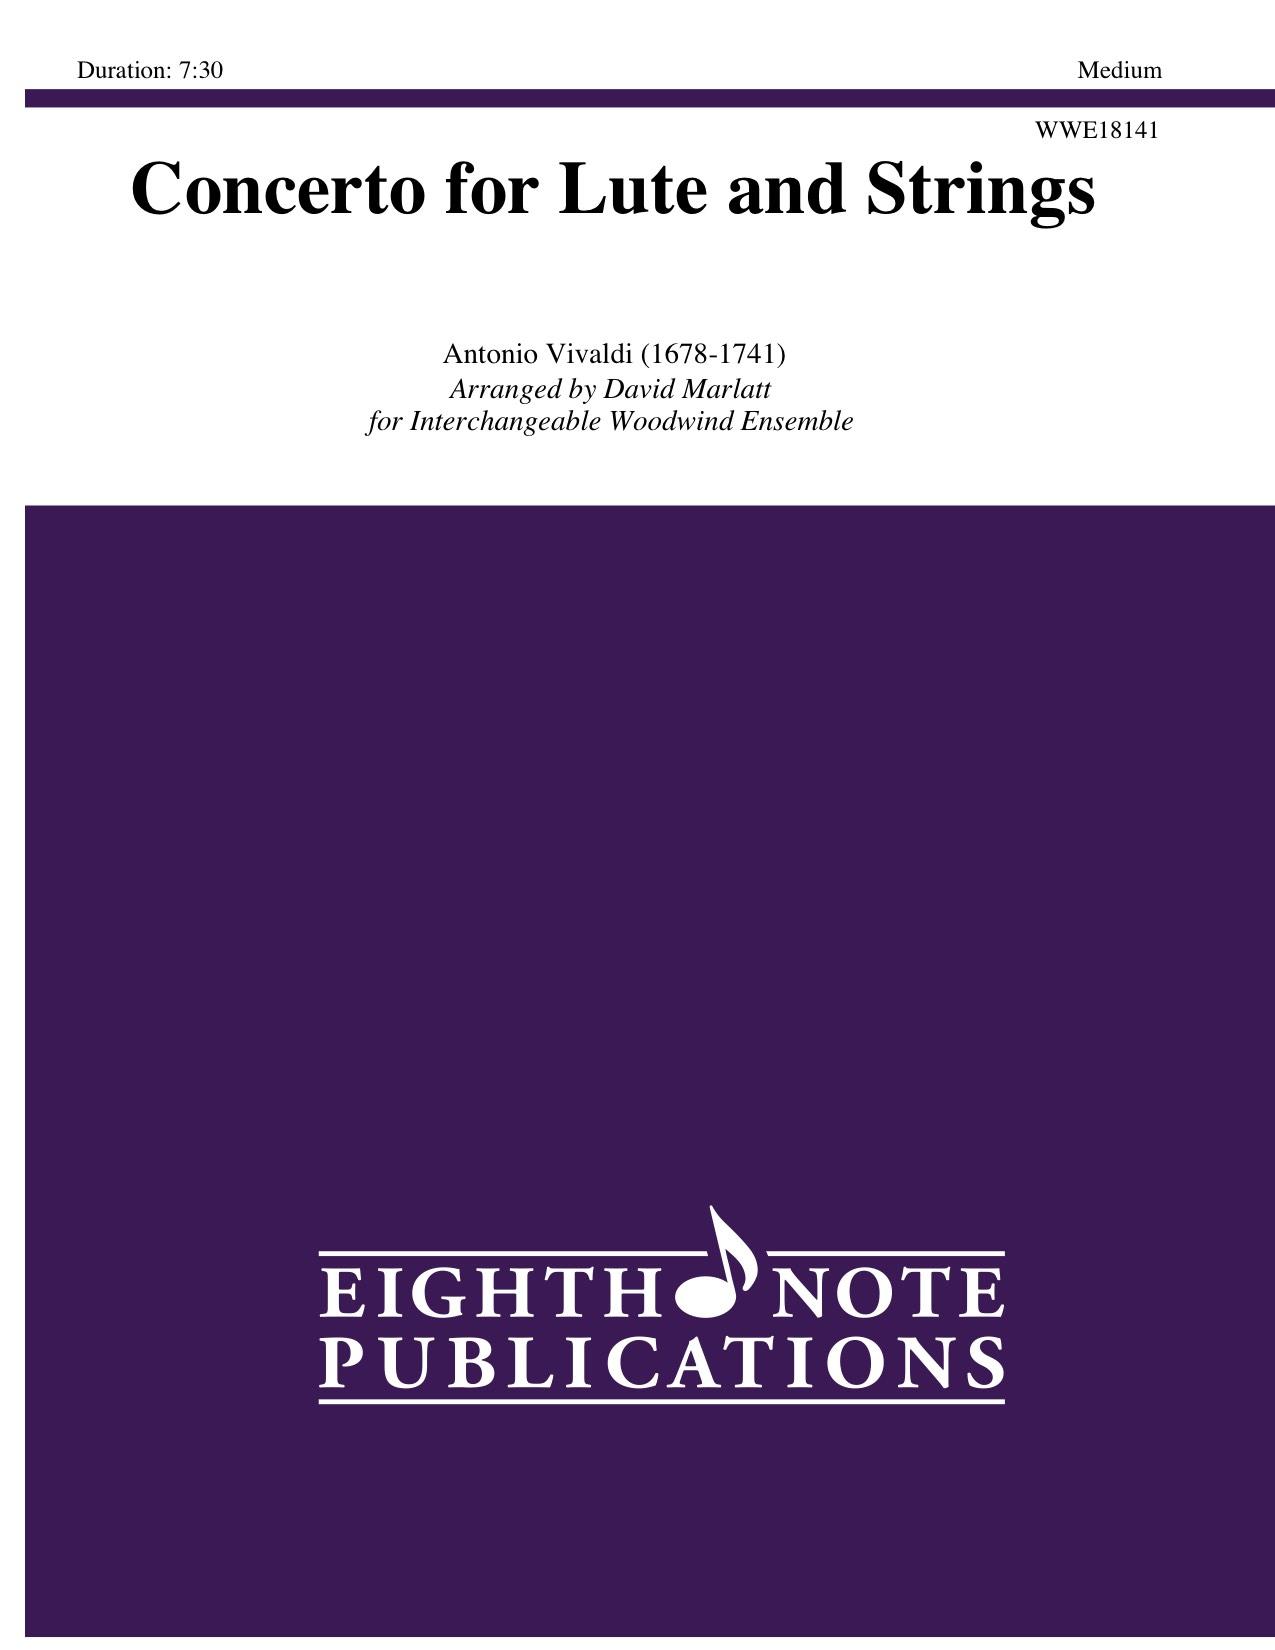 Concerto for Lute and Strings - Antonio Vivaldi